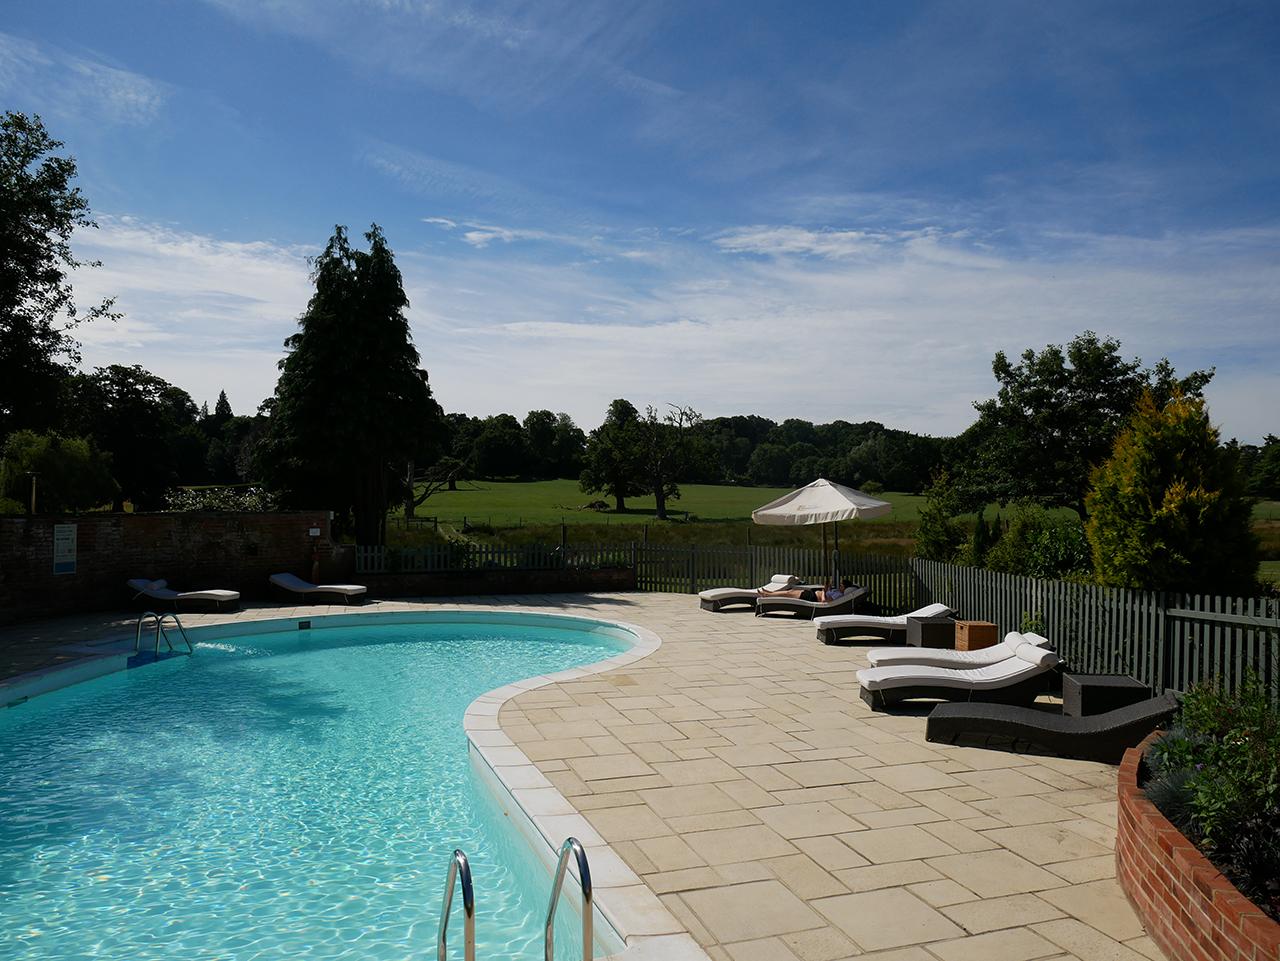 Burley Manor Pool